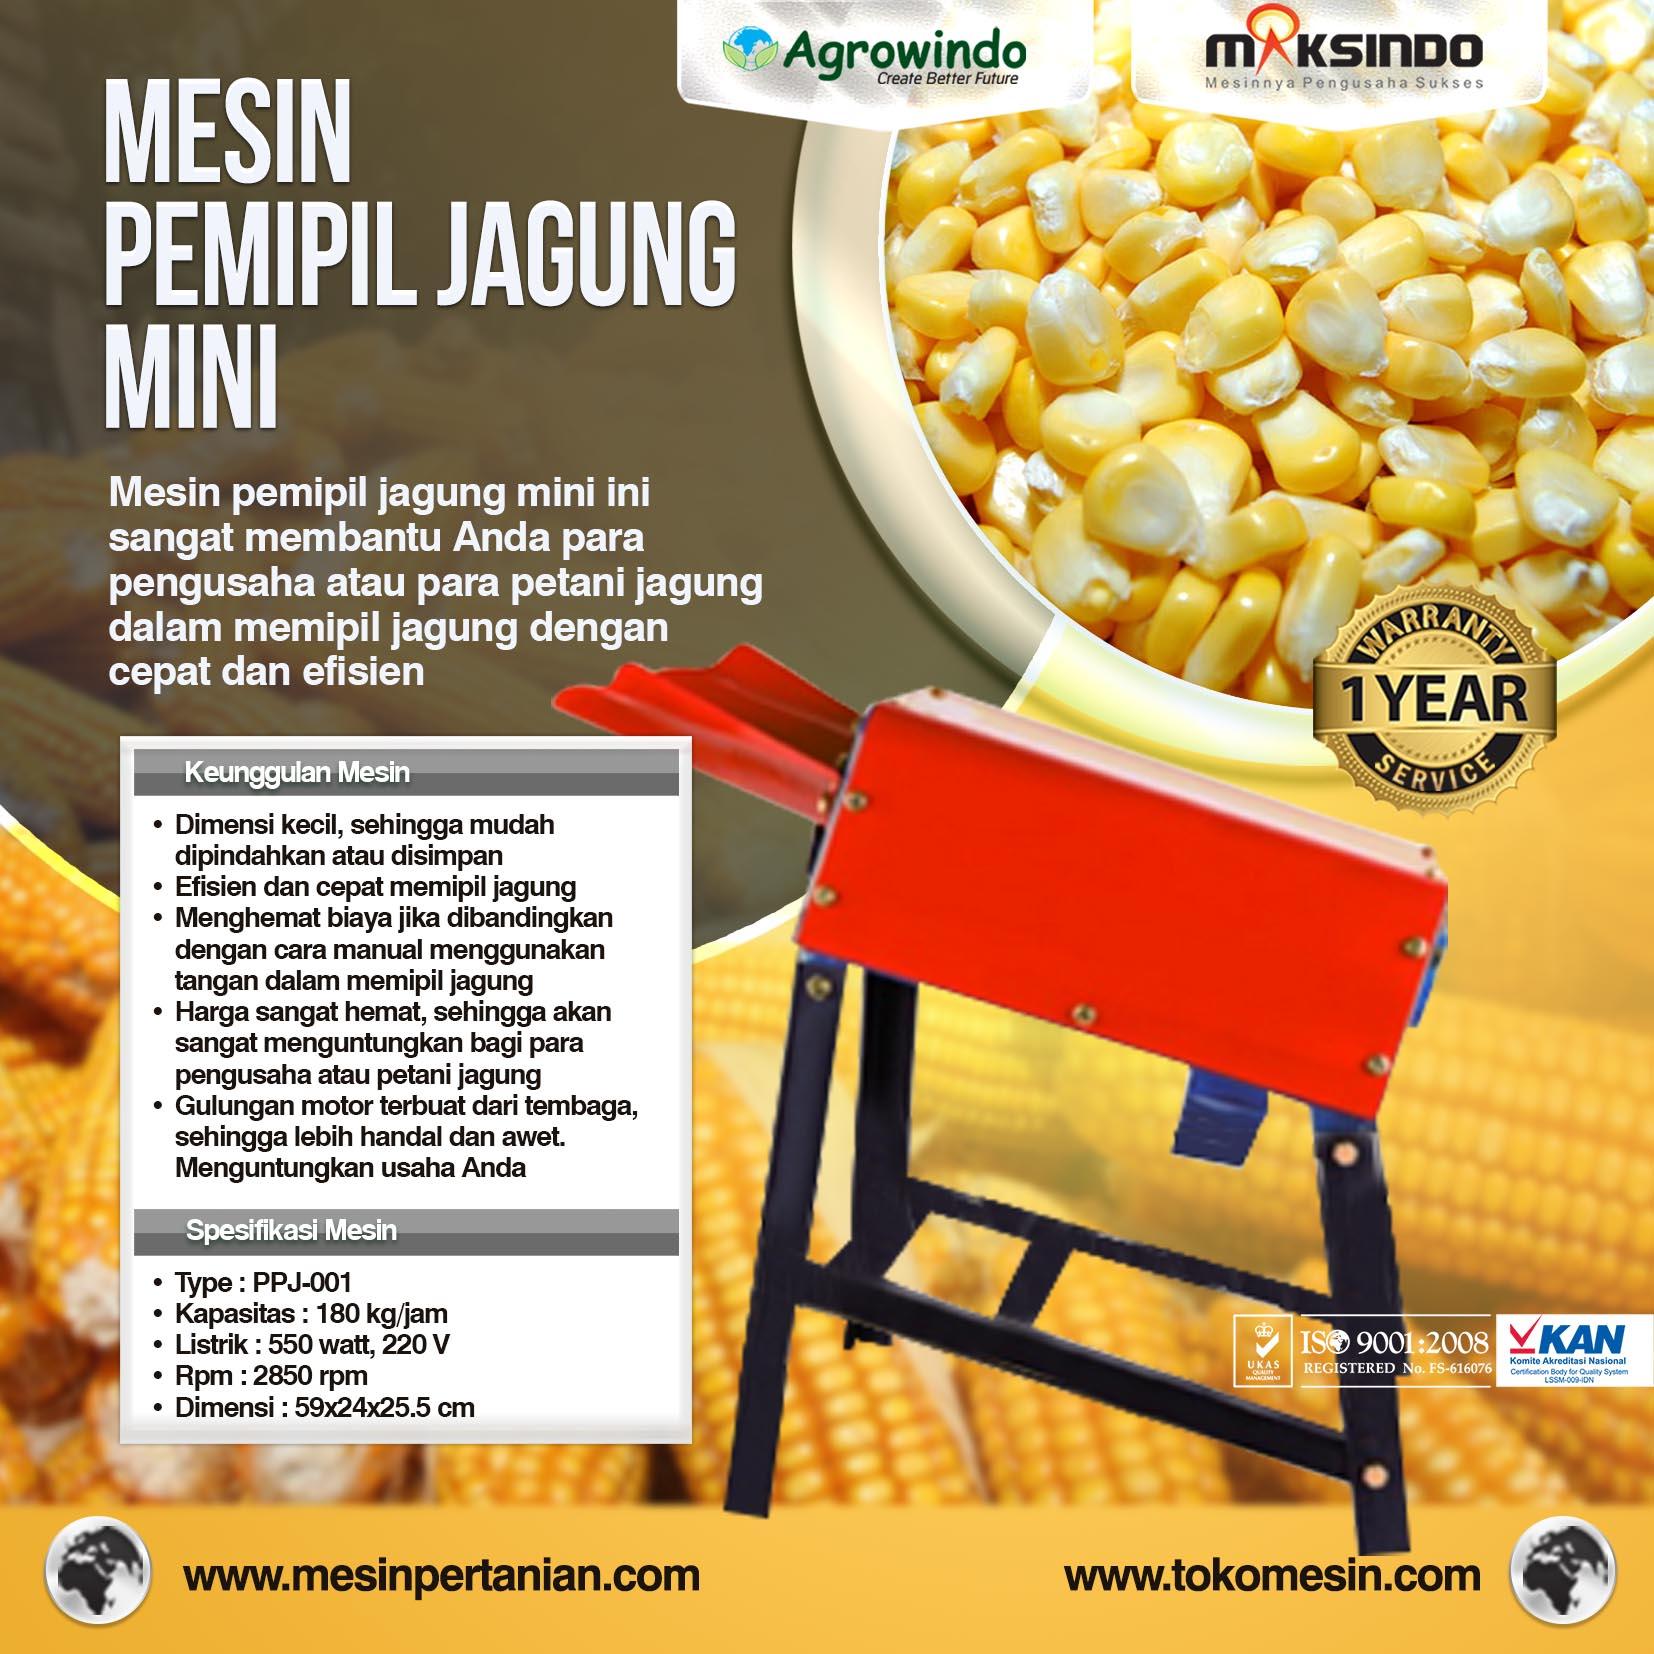 mesin pemipil jagung mini